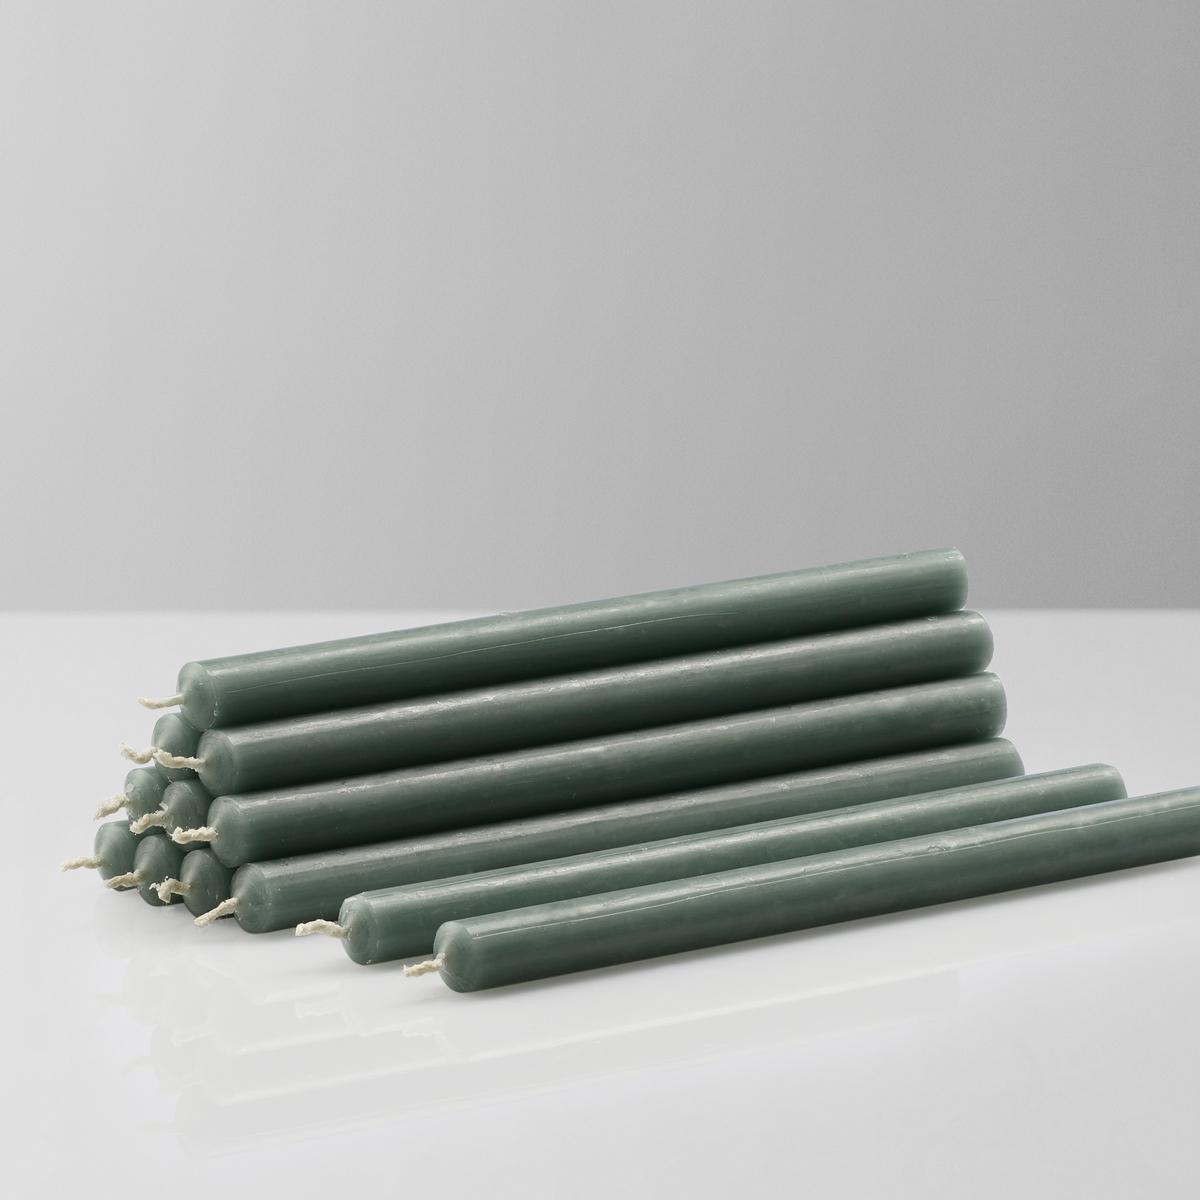 Stoff Nagel kertelys, lysegrøn, 12 stk